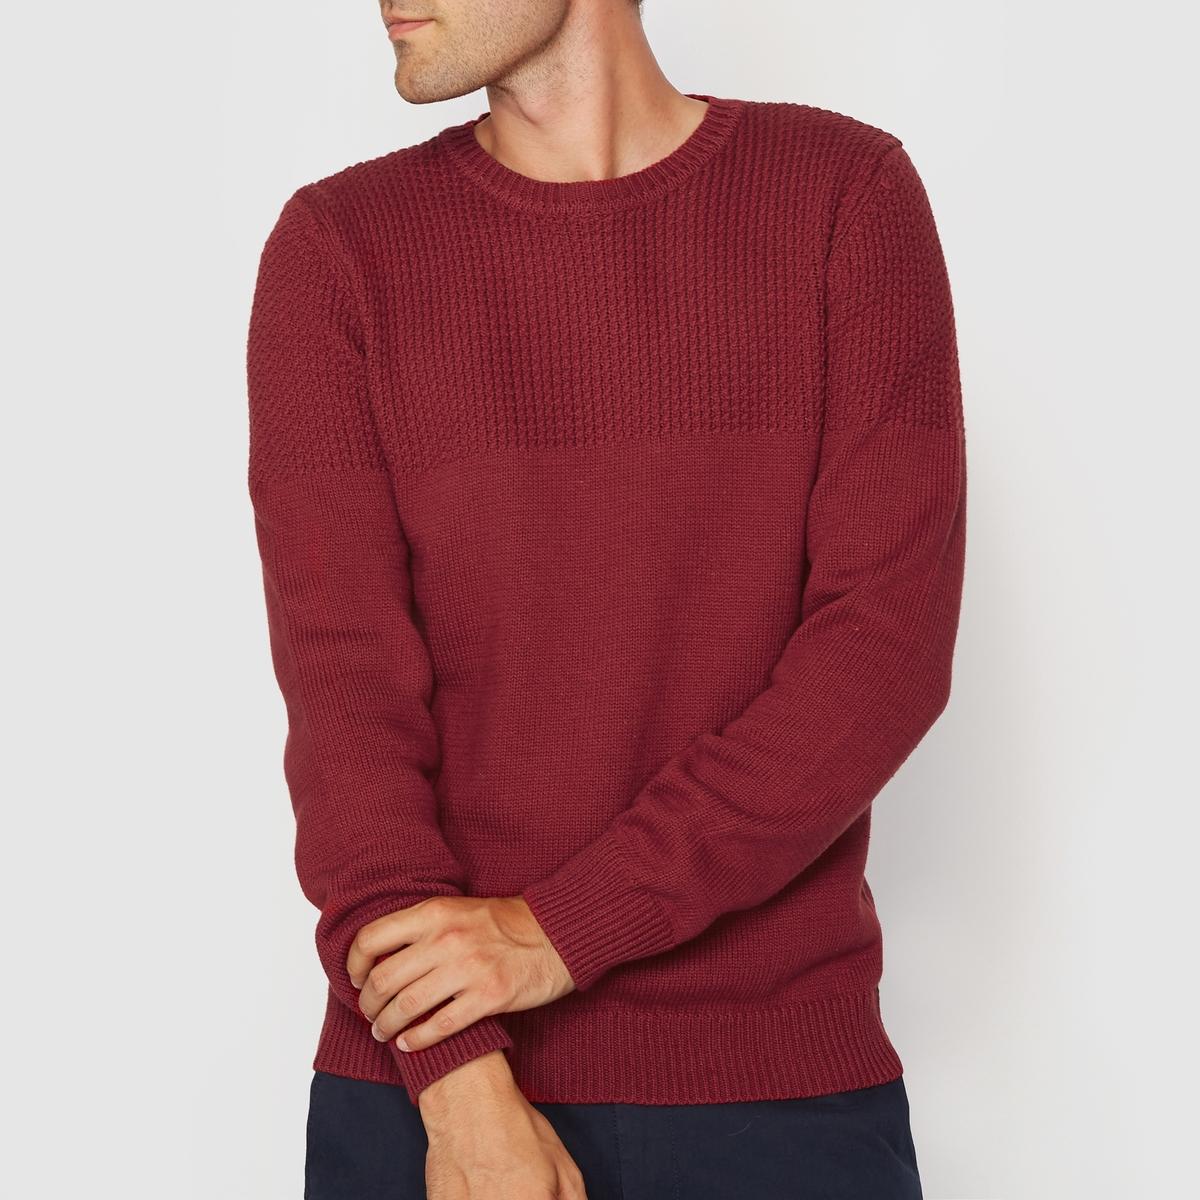 Пуловер с круглым вырезом с оригинальным узоромСостав &amp; Детали :Основной материал : 100% хлопокДлина : 68 см.Марка :      R ?ditionУход : Машинная стирка при 40°, на деликатном режиме Стирать вместе с одеждой подобных цветовСтирать и гладить с изнаночной стороныСухая (химическая) чистка запрещена<br><br>Цвет: красный<br>Размер: L.XXL